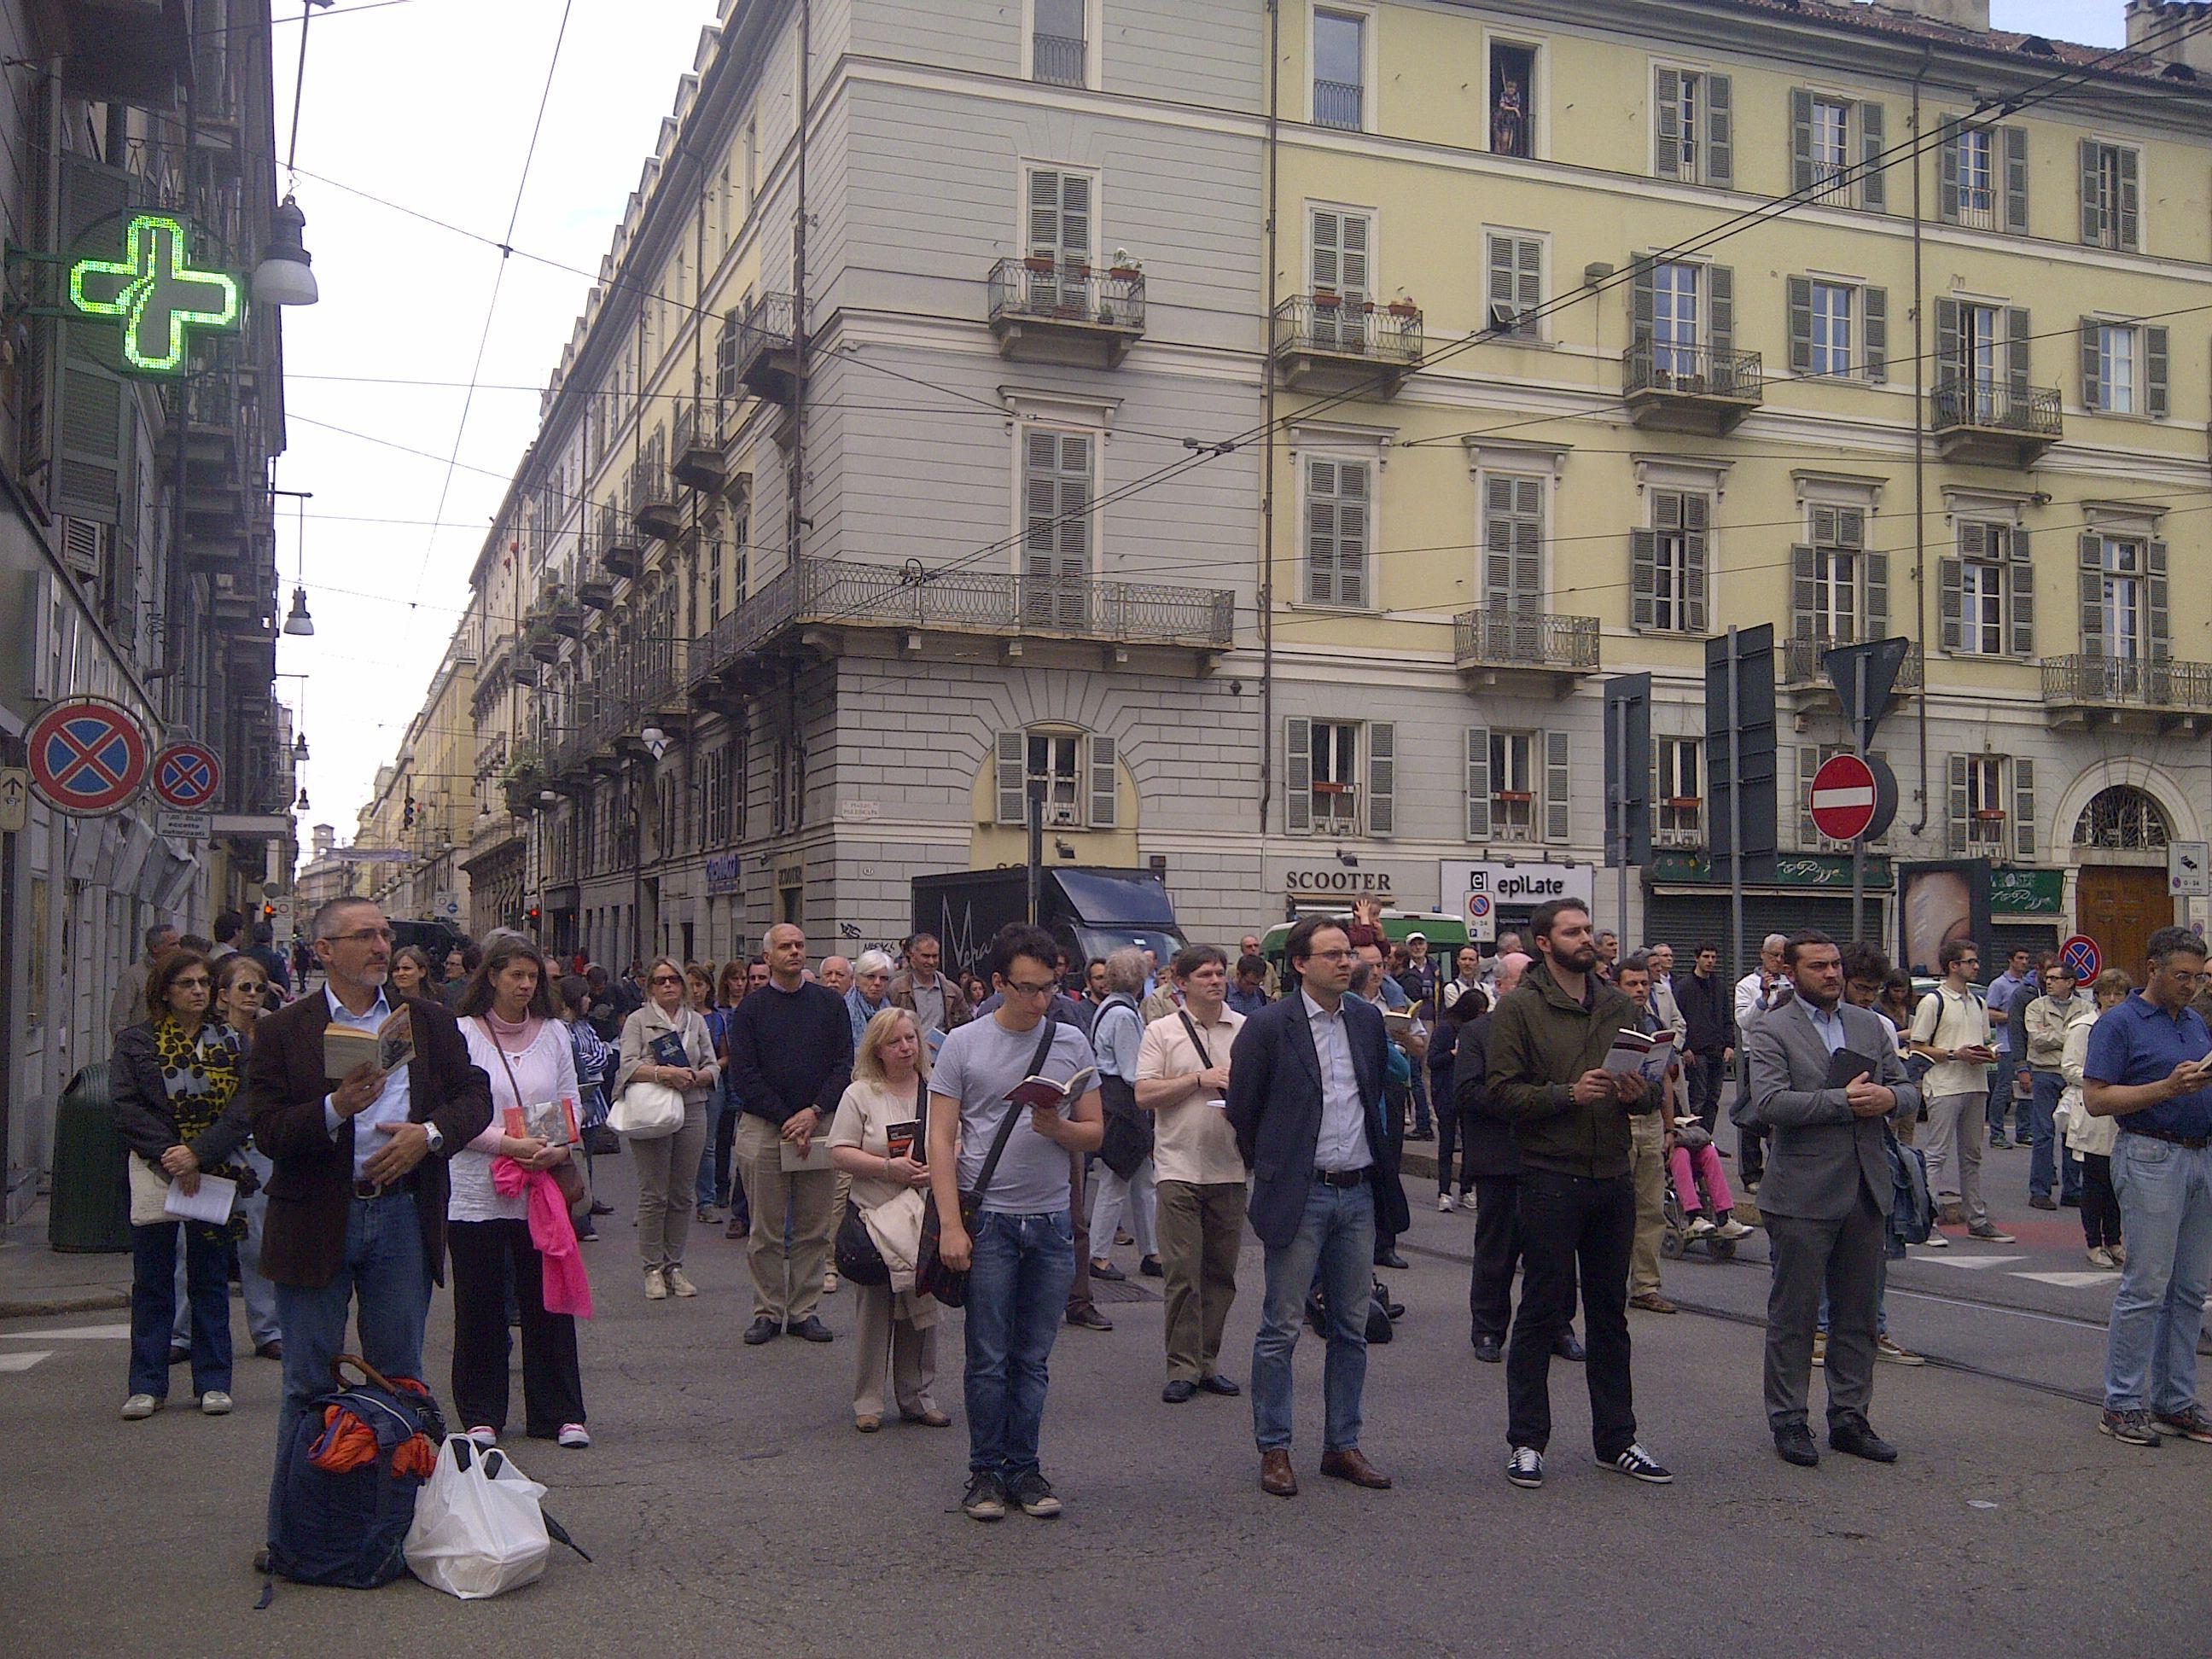 [ photogallery ] Sentinelle in piedi a Torino